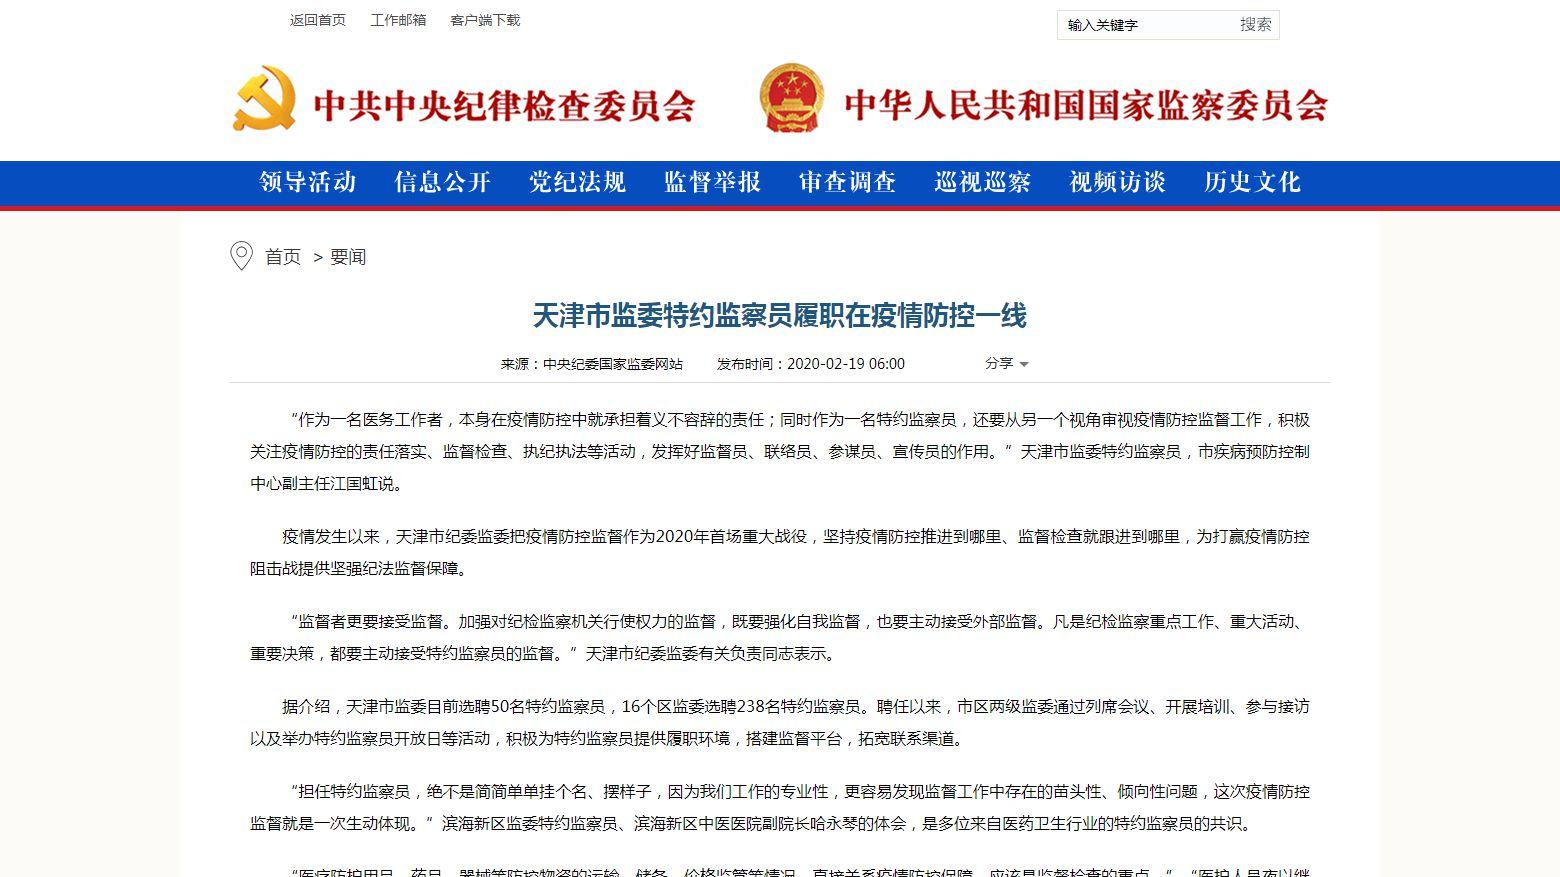 天津市监委特约监察员履职在疫情防控一线